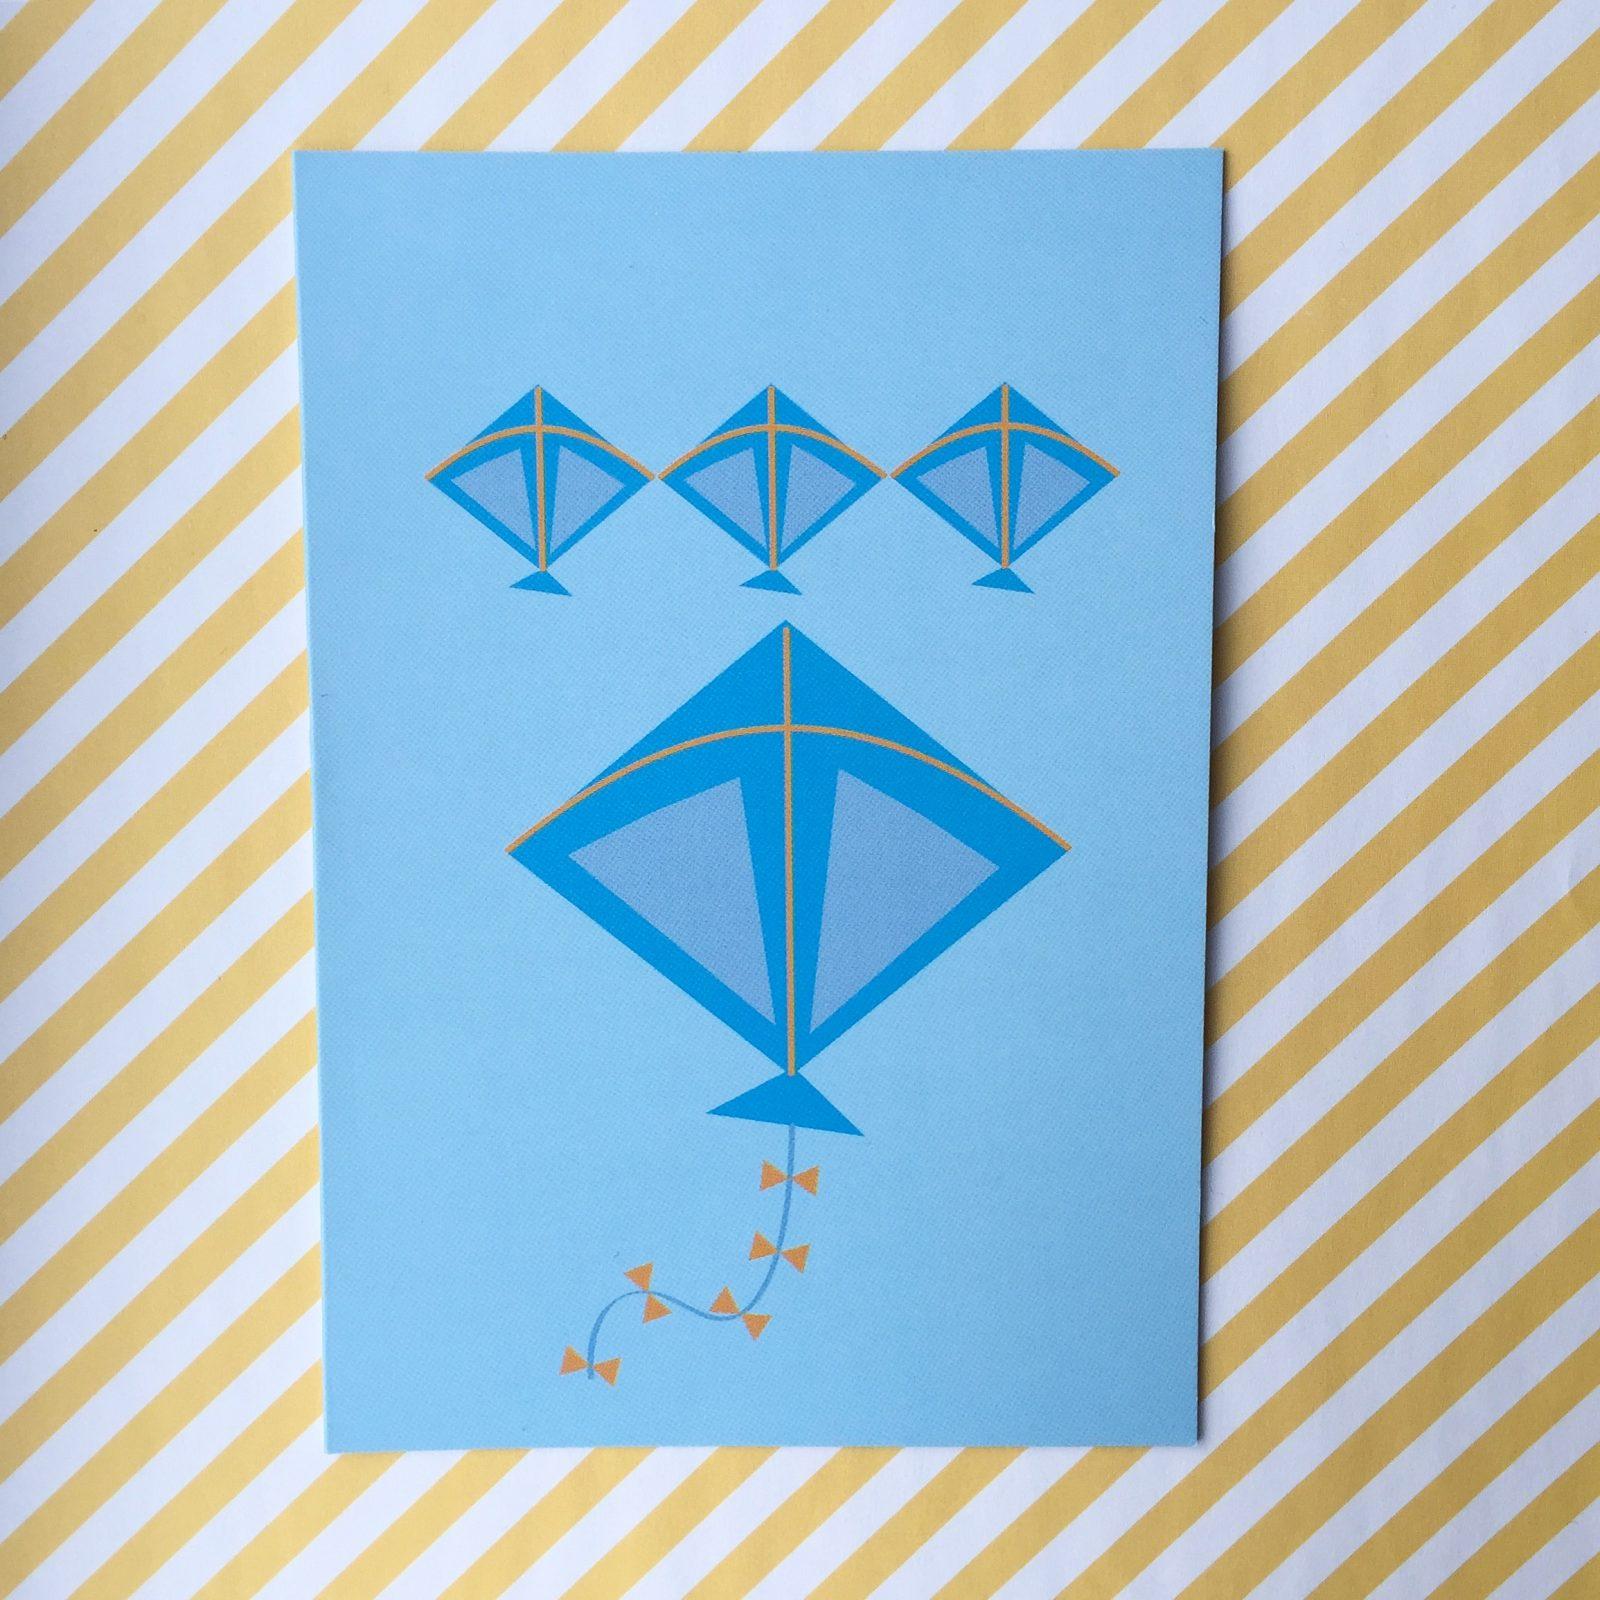 Vykort - inspirerade av Indien - gratulationskort, små posters, inredning